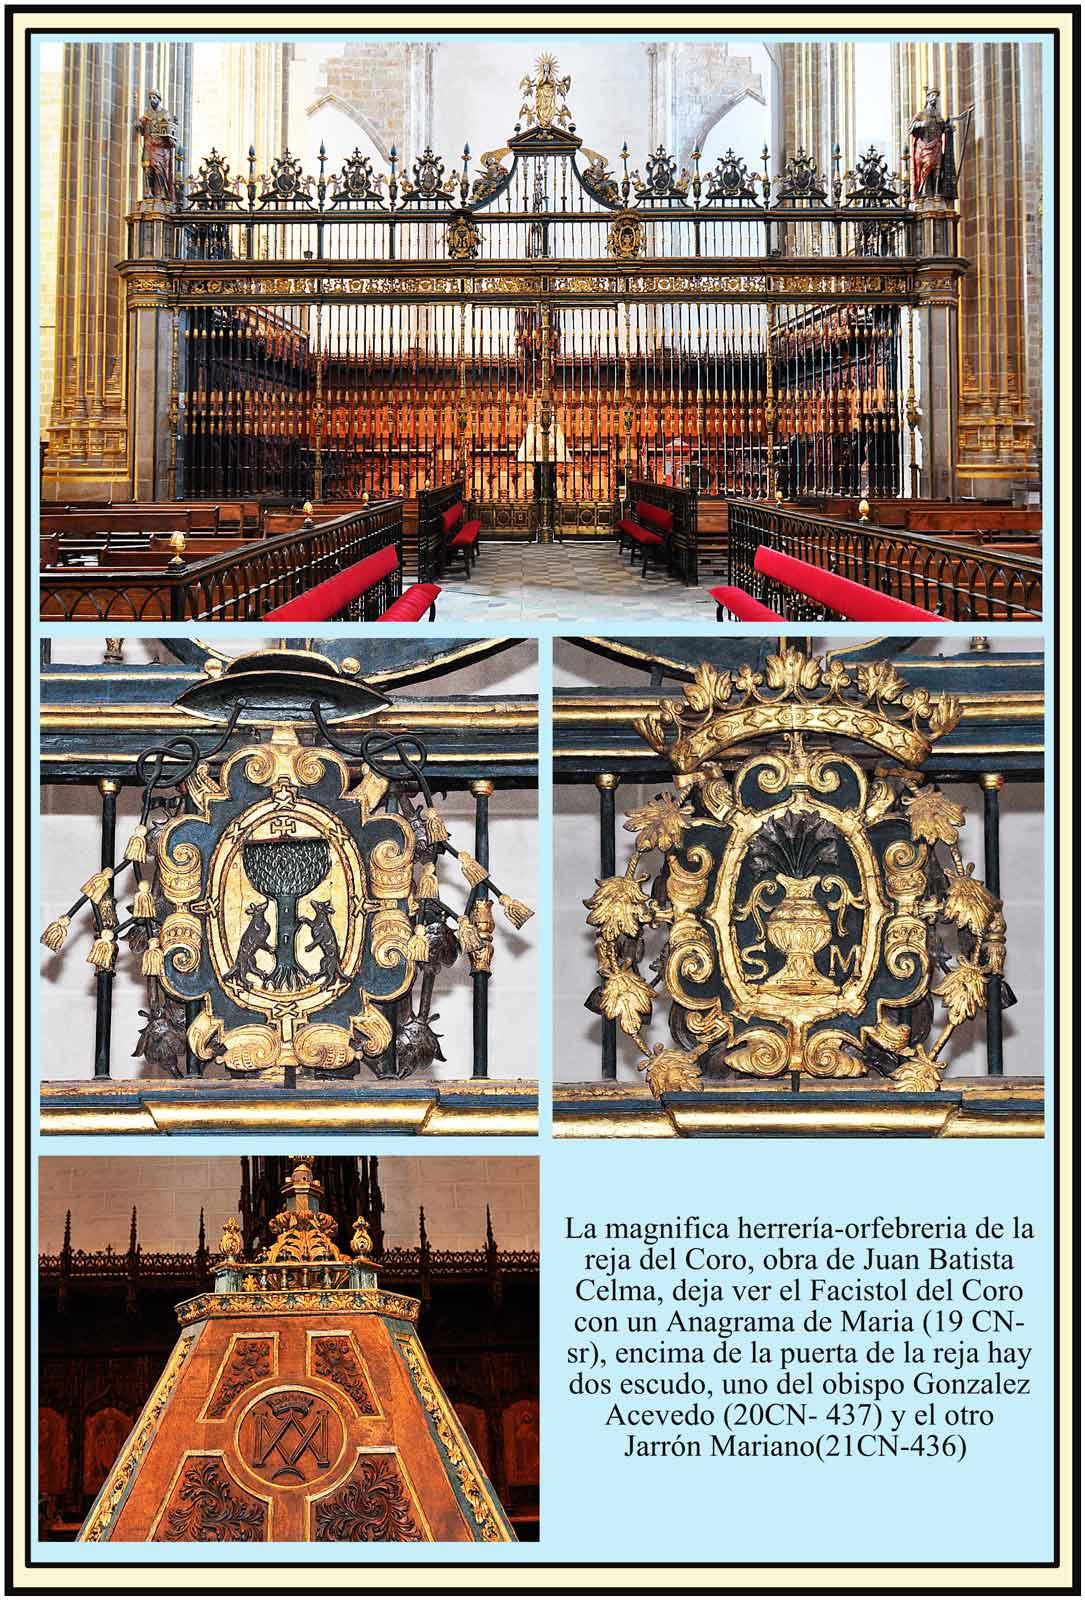 Reja del coro, con dos escudos: del Obispo Acevedo y Jarrón Mariano. En el Facistol anagrama de María